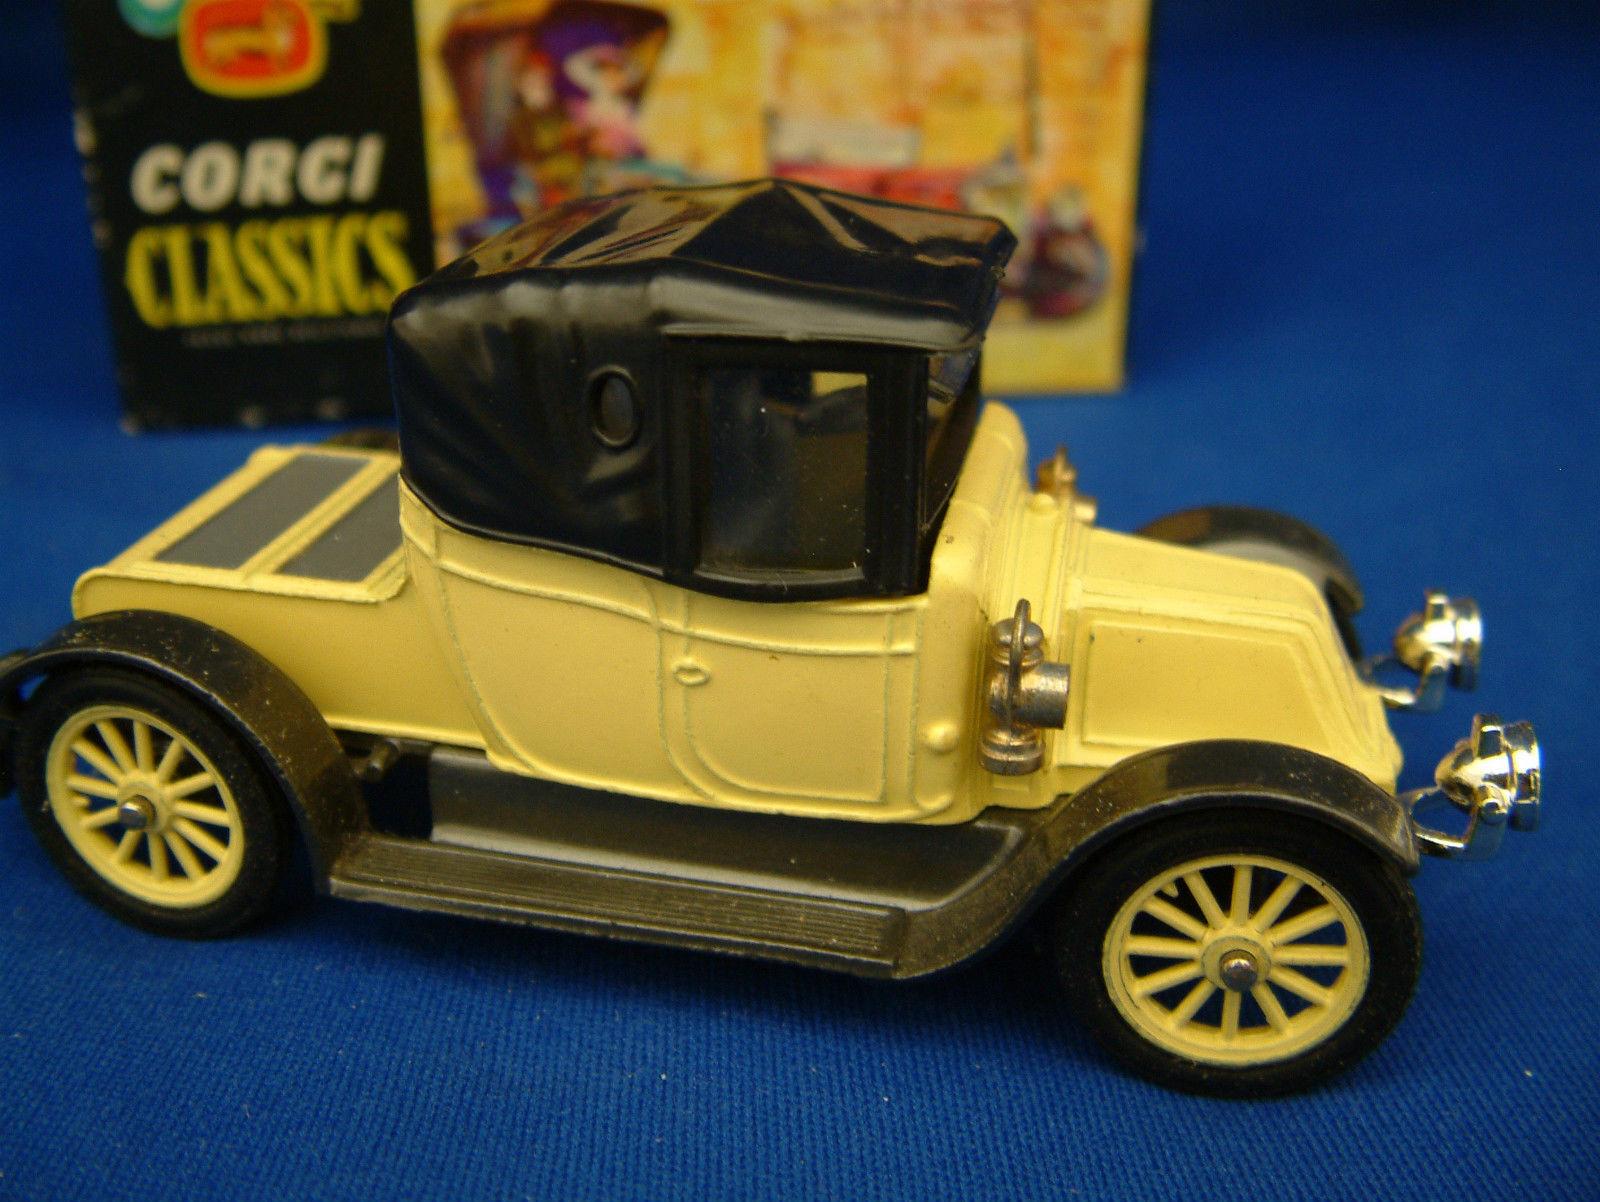 CORGI 9032 RENAULT 12 16 1910 DIE CAST CAST CAST MODEL CAR NEW FACTORY BOXED   FREE SHIP 22edca